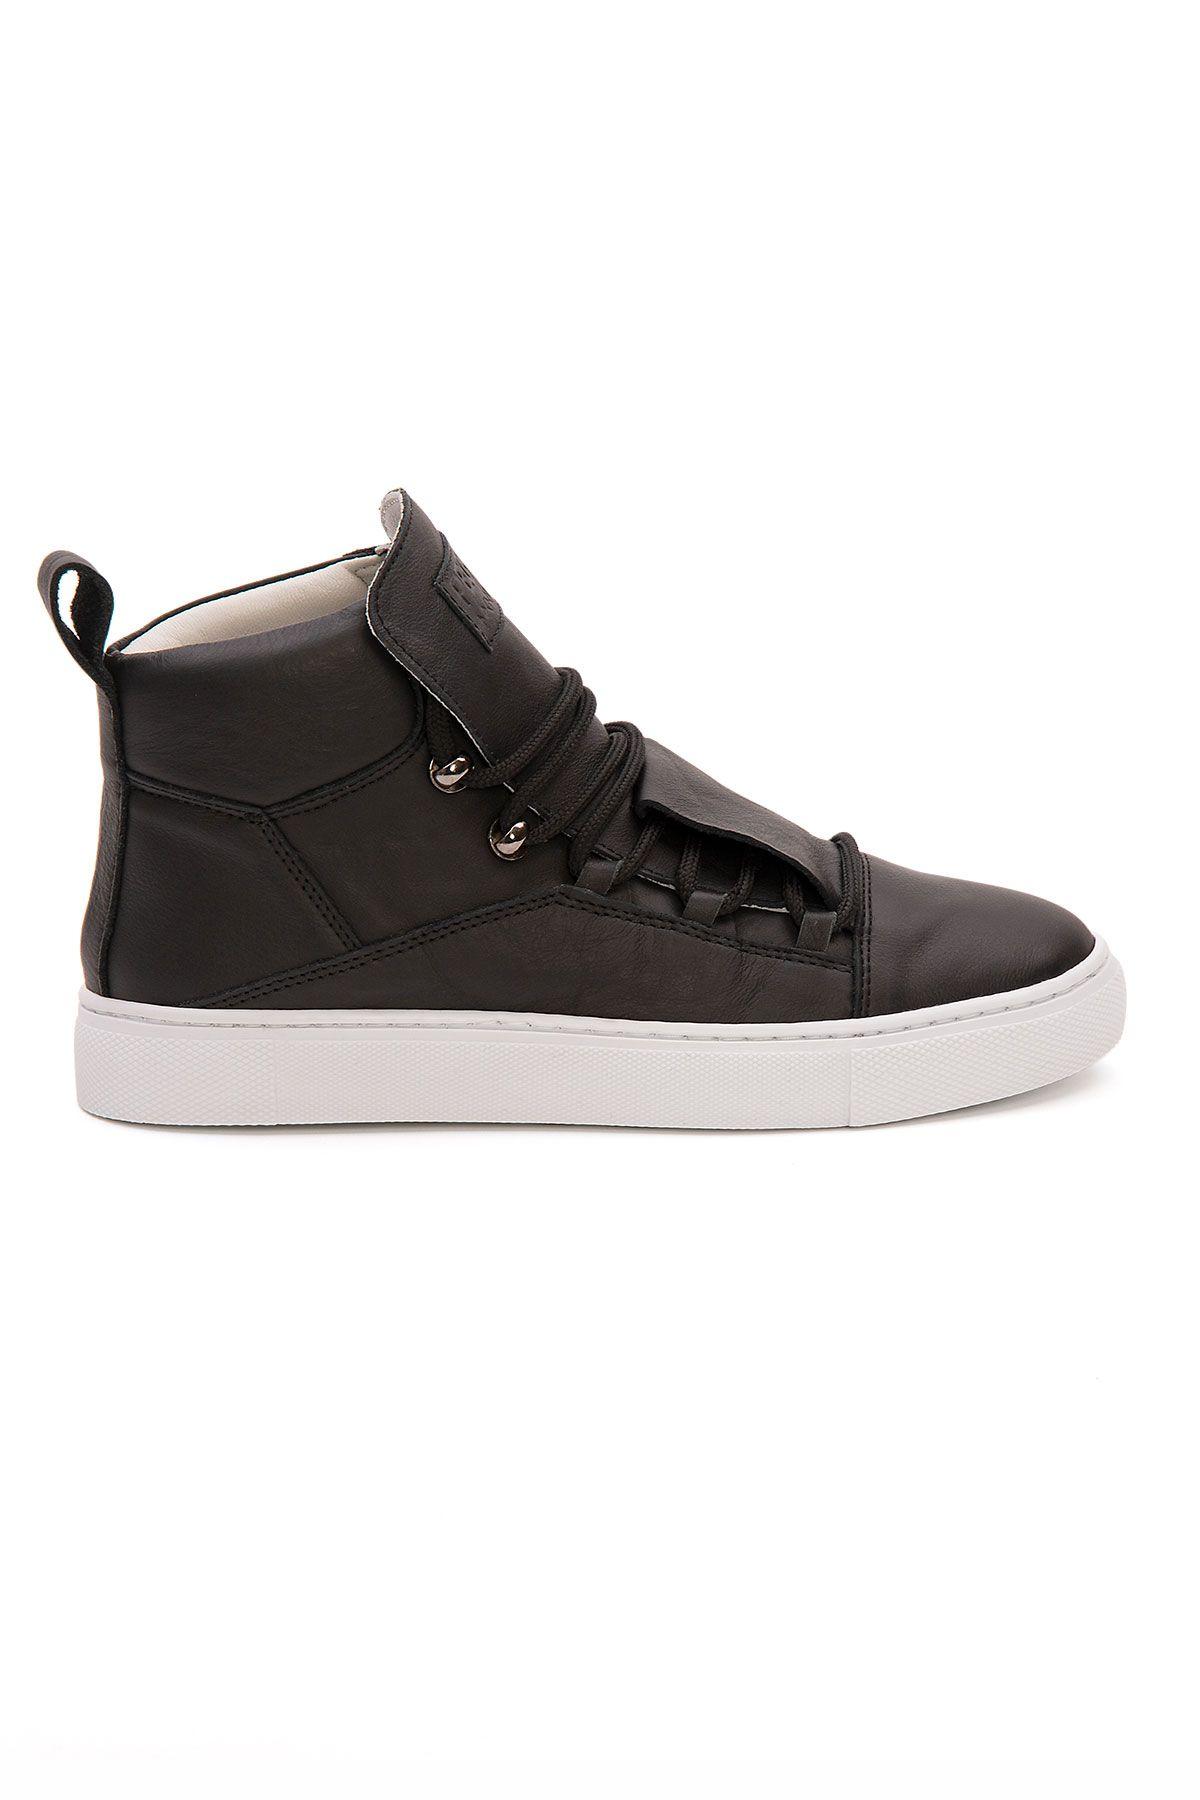 Pegia Genuine Leather Women's Sneaker LA1323 Black